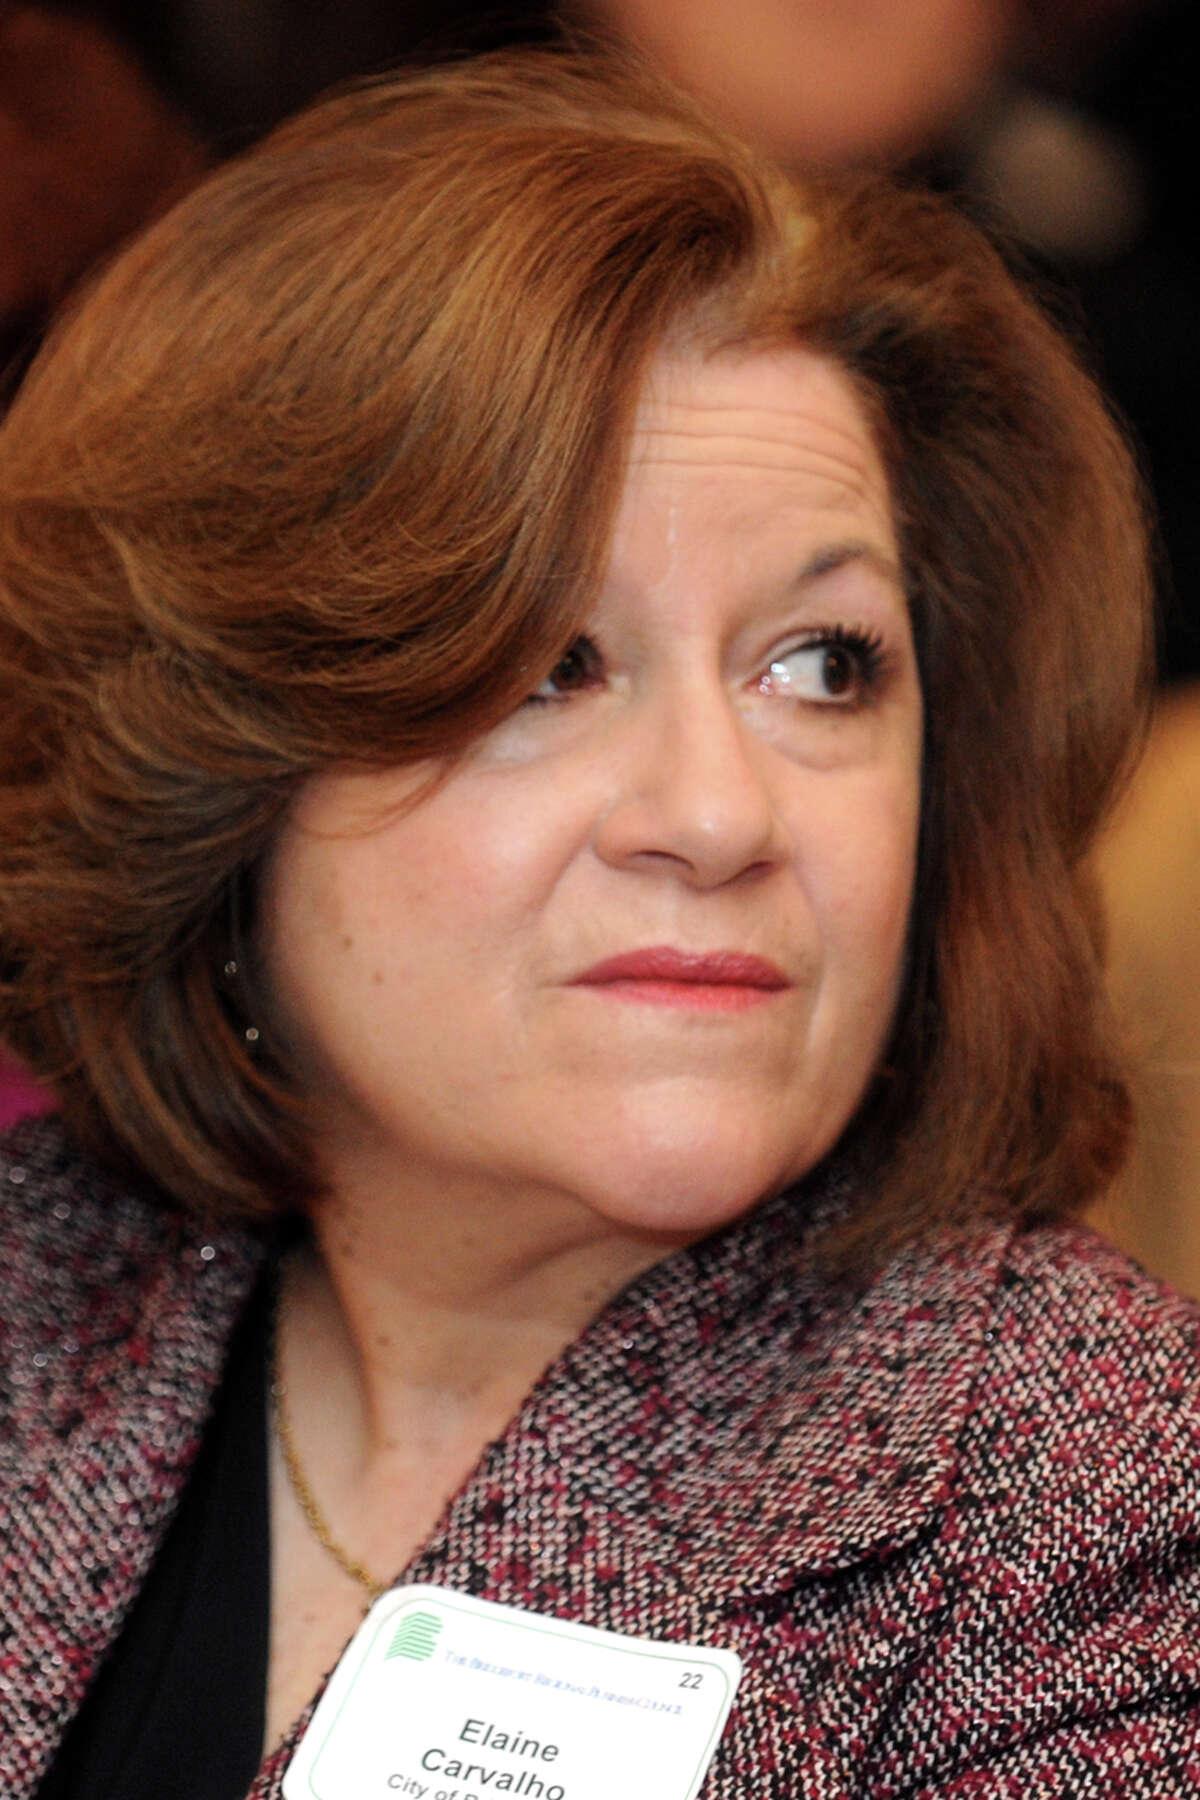 Bridgeport Tax Assessor Elaine Carvalho, Mar. 11, 2014.